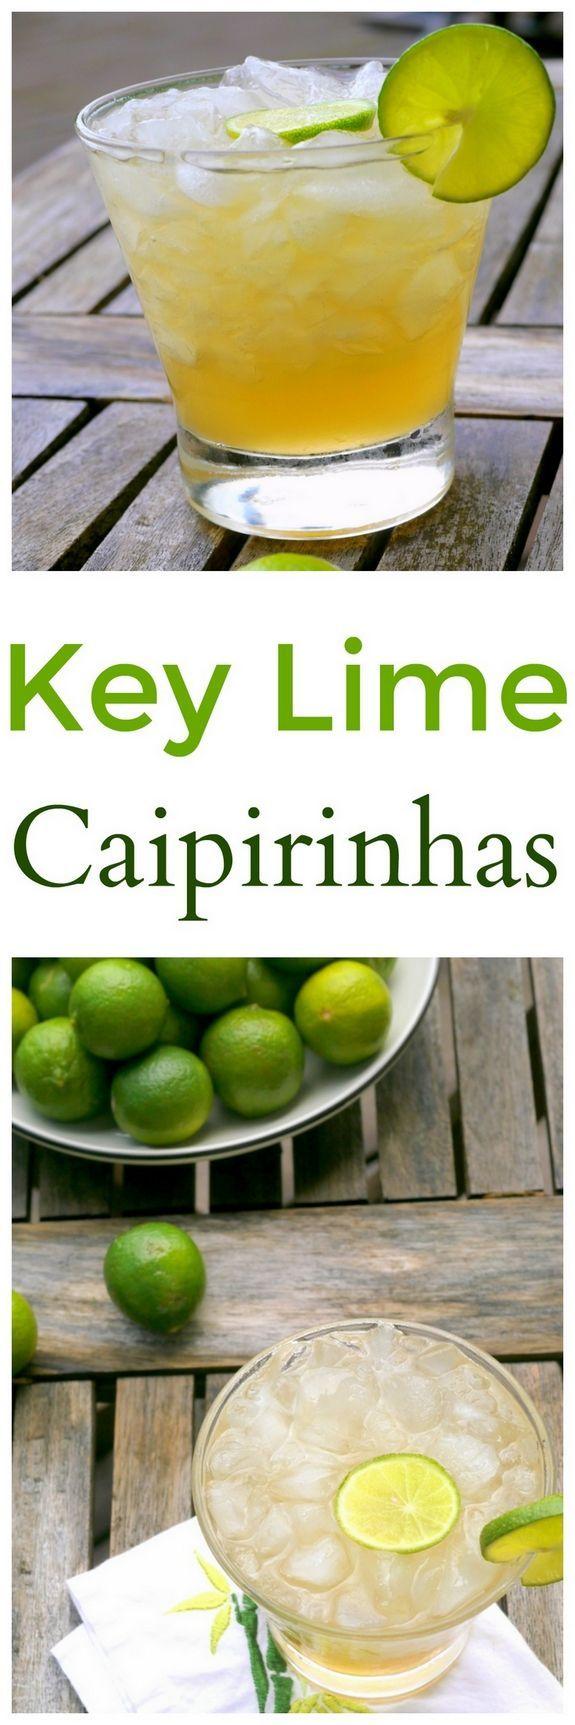 Key Lime Caipiranhas from NoblePig.com.